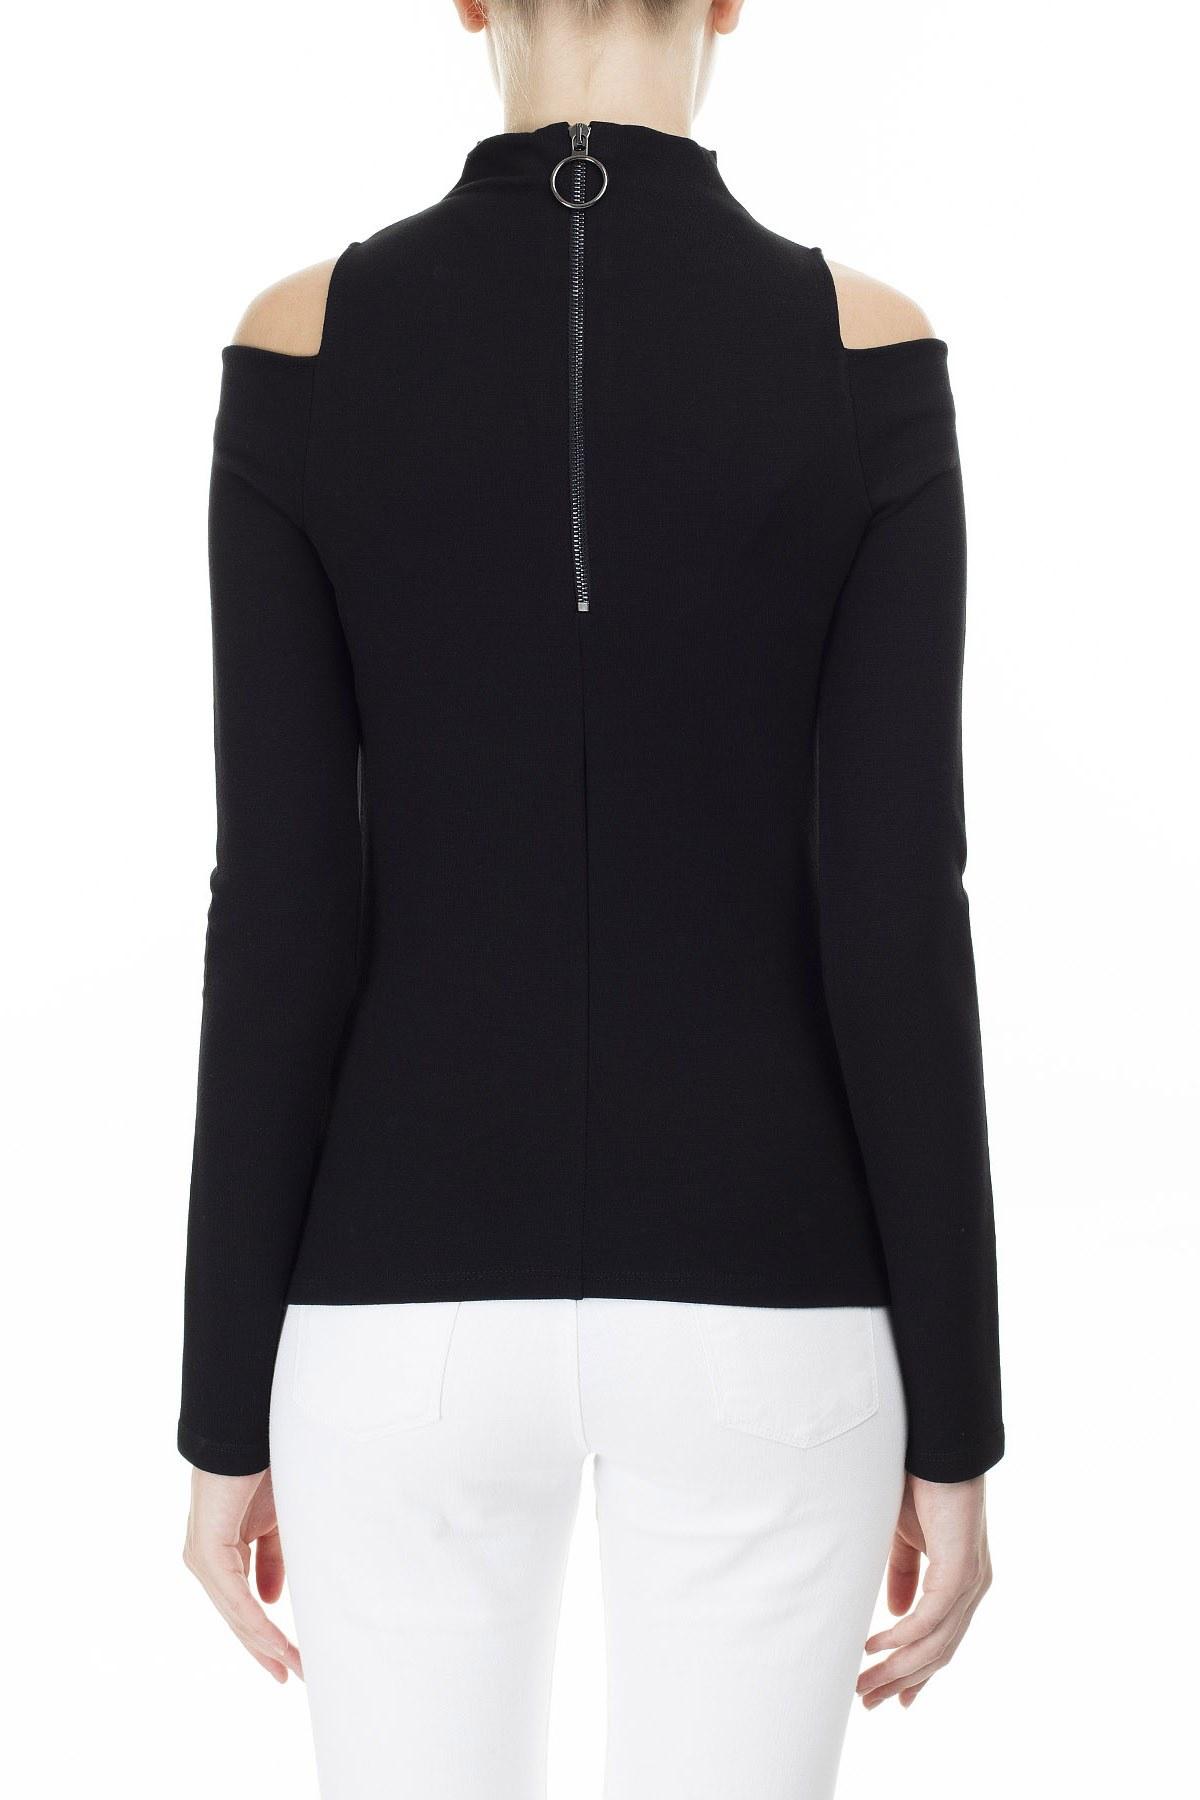 Armani Exchange Omuzları Açık Fermuar Detaylı Dik Yaka Kadın Bluz S 6GYMAL YJK9Z 1200 SİYAH